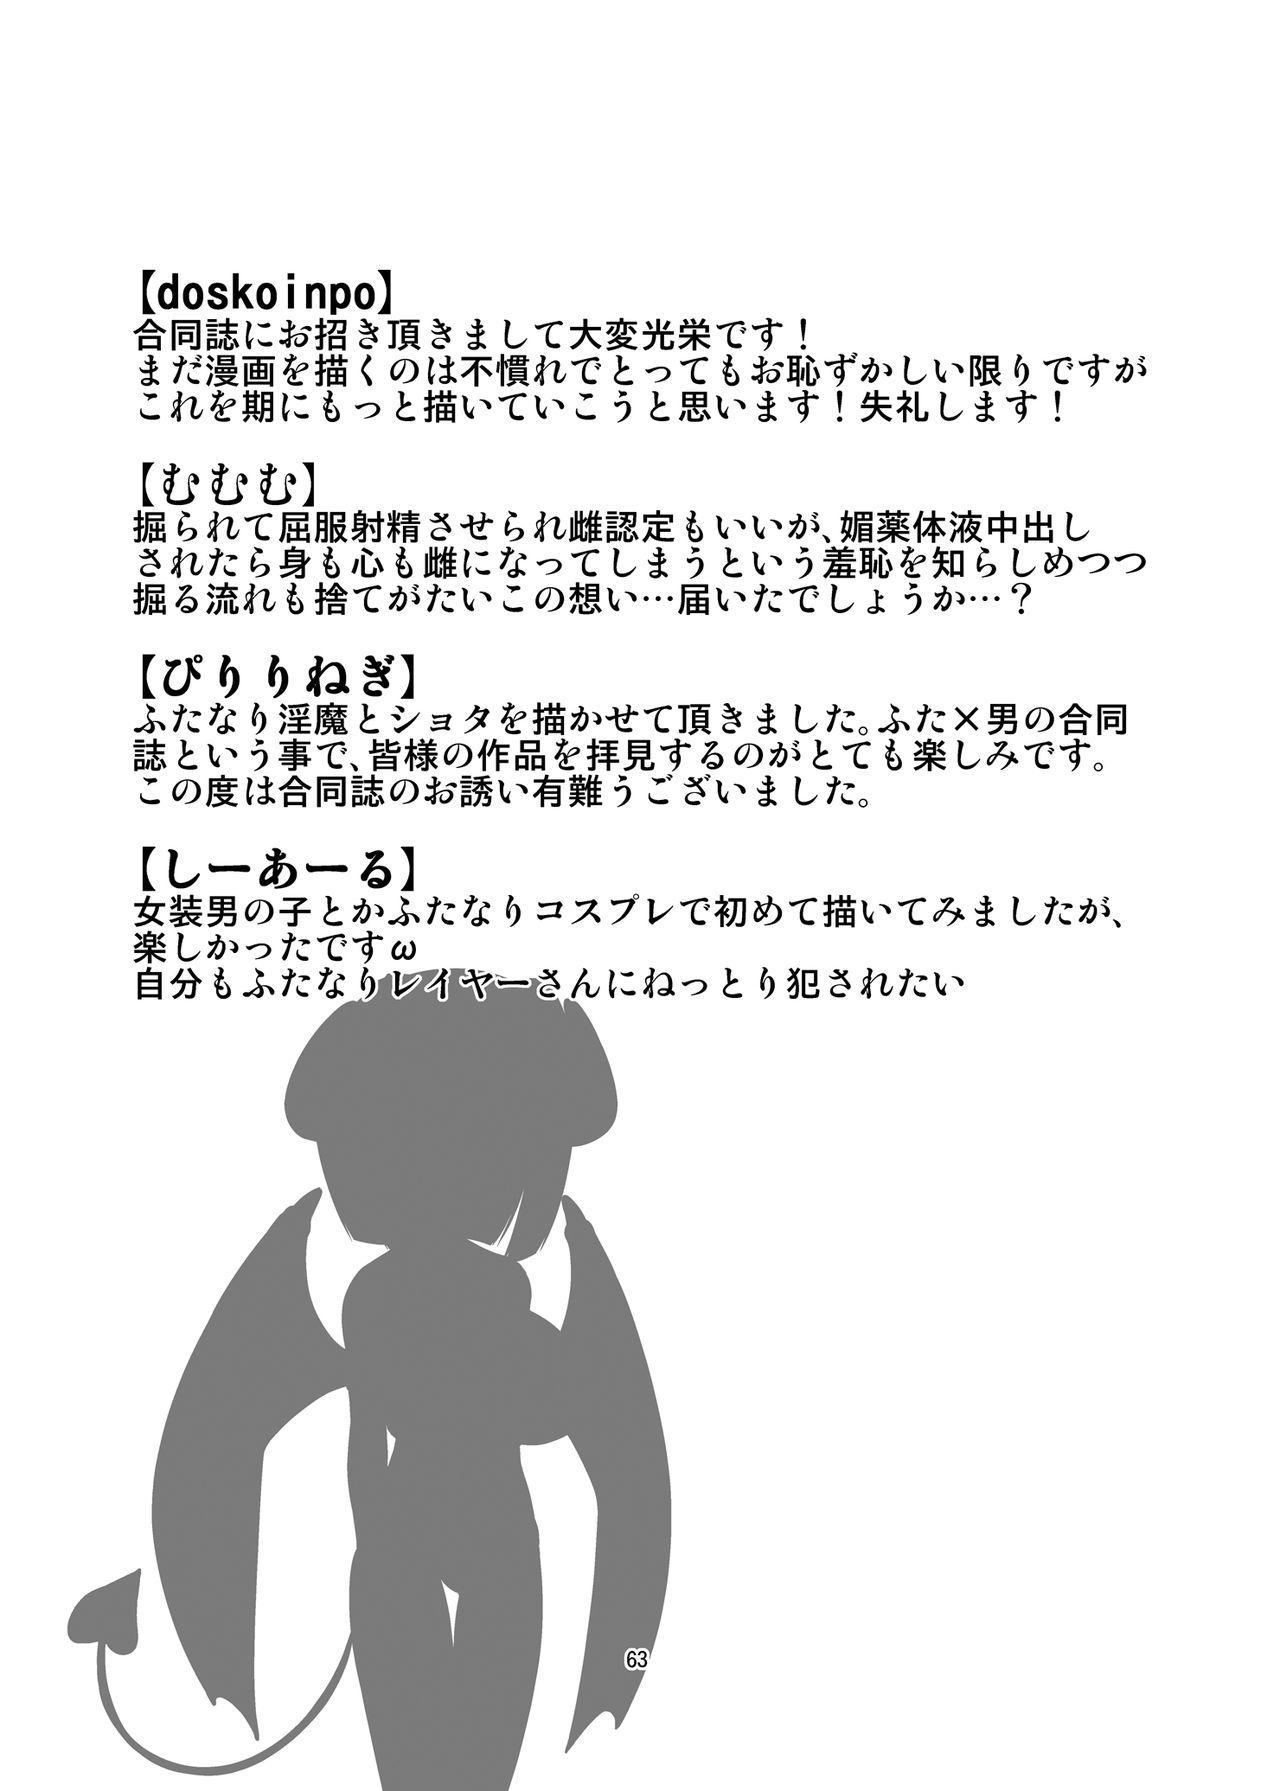 Futanari x Otoko Gyaku Anal Goudou Anata ga Mesu ni Narun desu yo 62